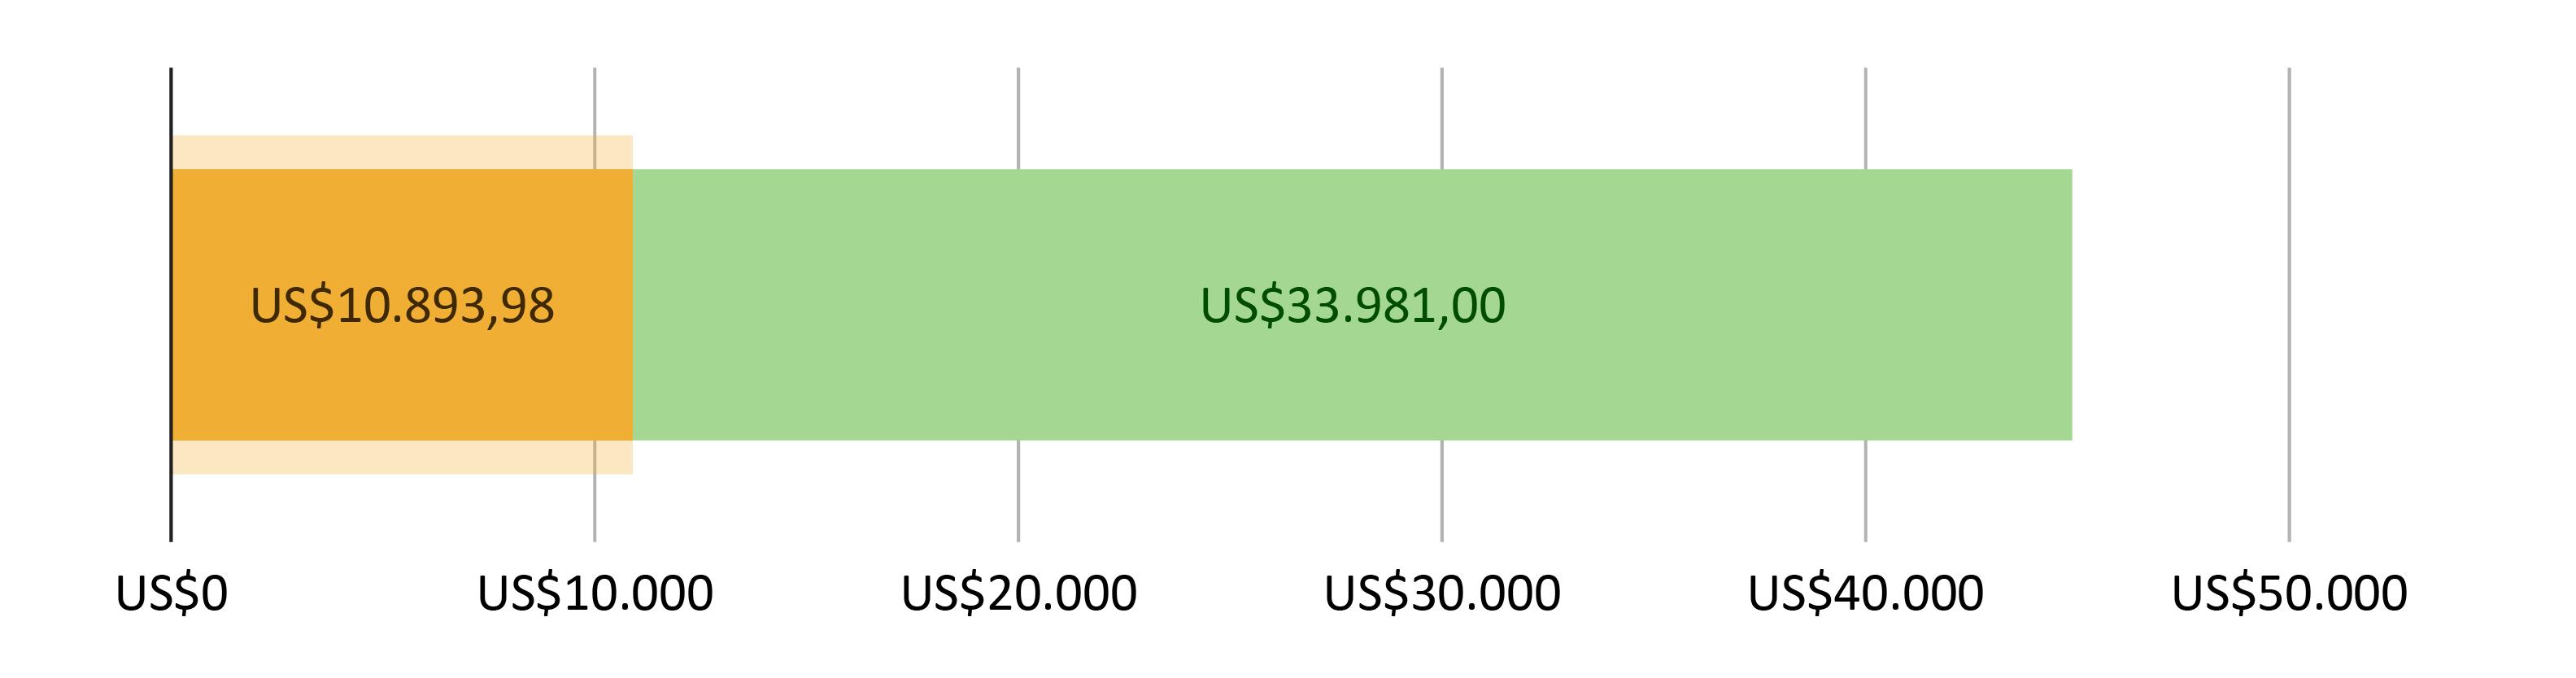 US$10.893,98 gastos; mais US$33.981,00 previstos